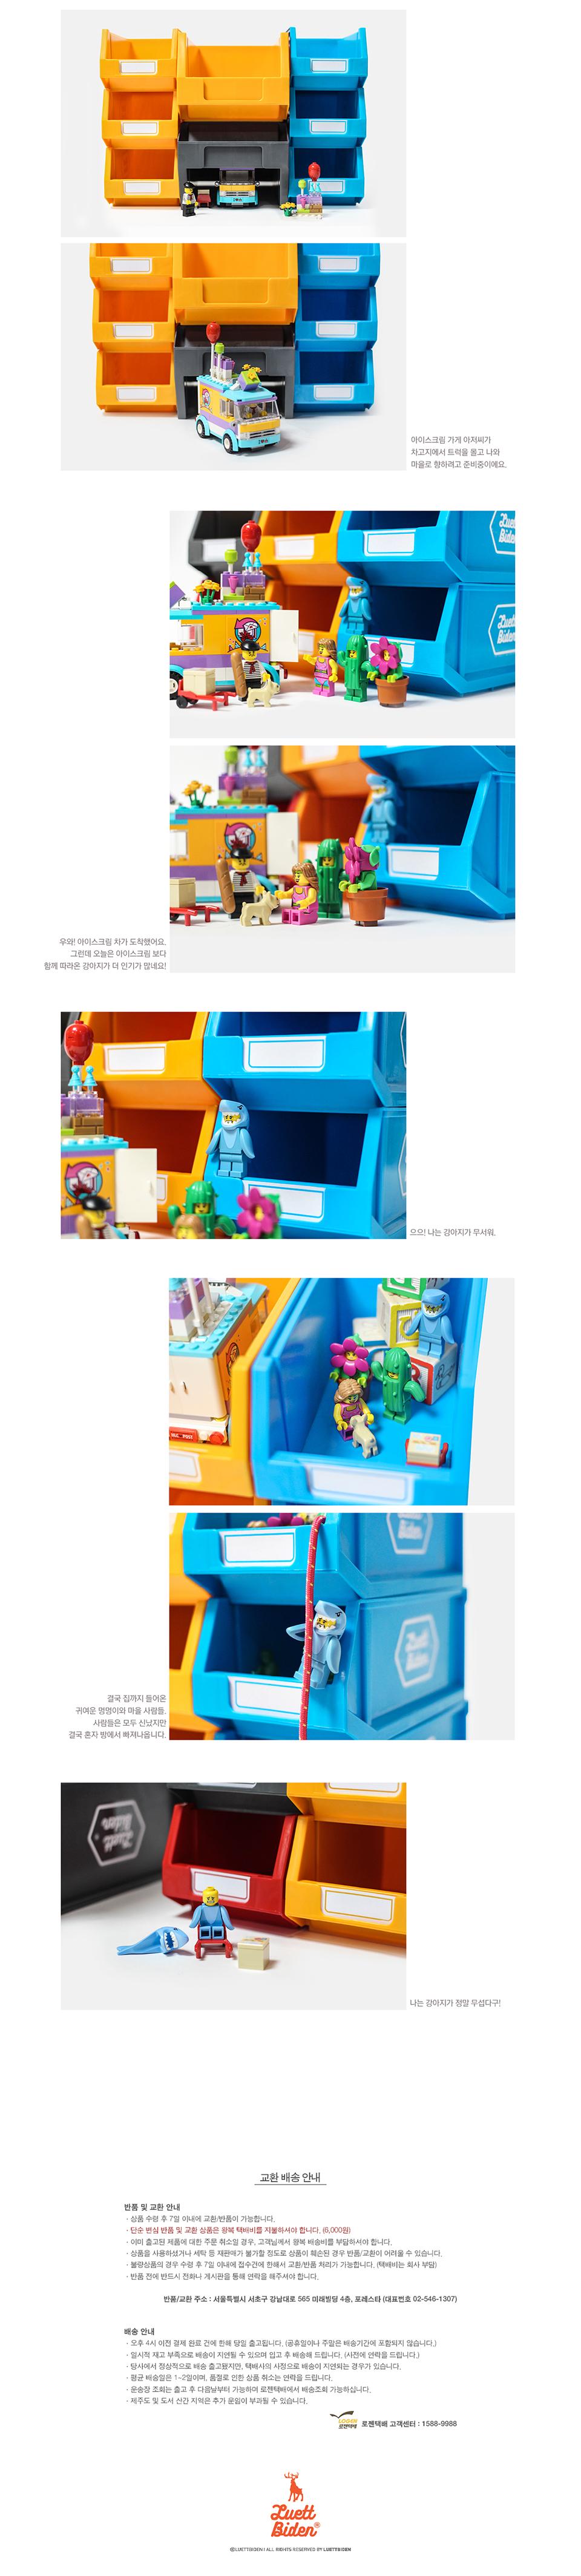 소품수납용 미니컨테이너 스토리지 - 루엣비든, 3,500원, 정리/리빙박스, 소품정리함